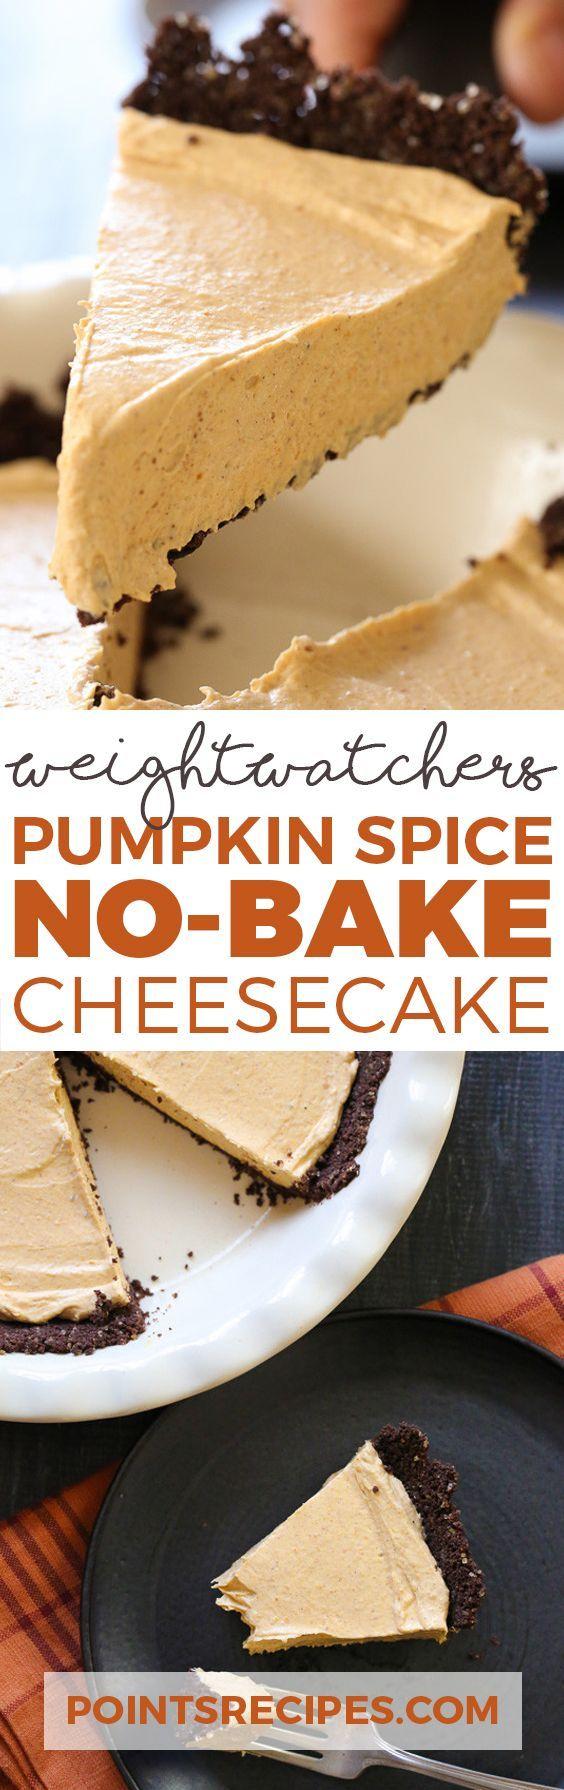 Pumpkin Spice No-Bake Cheesecake (Weight Watchers SmartPoints)